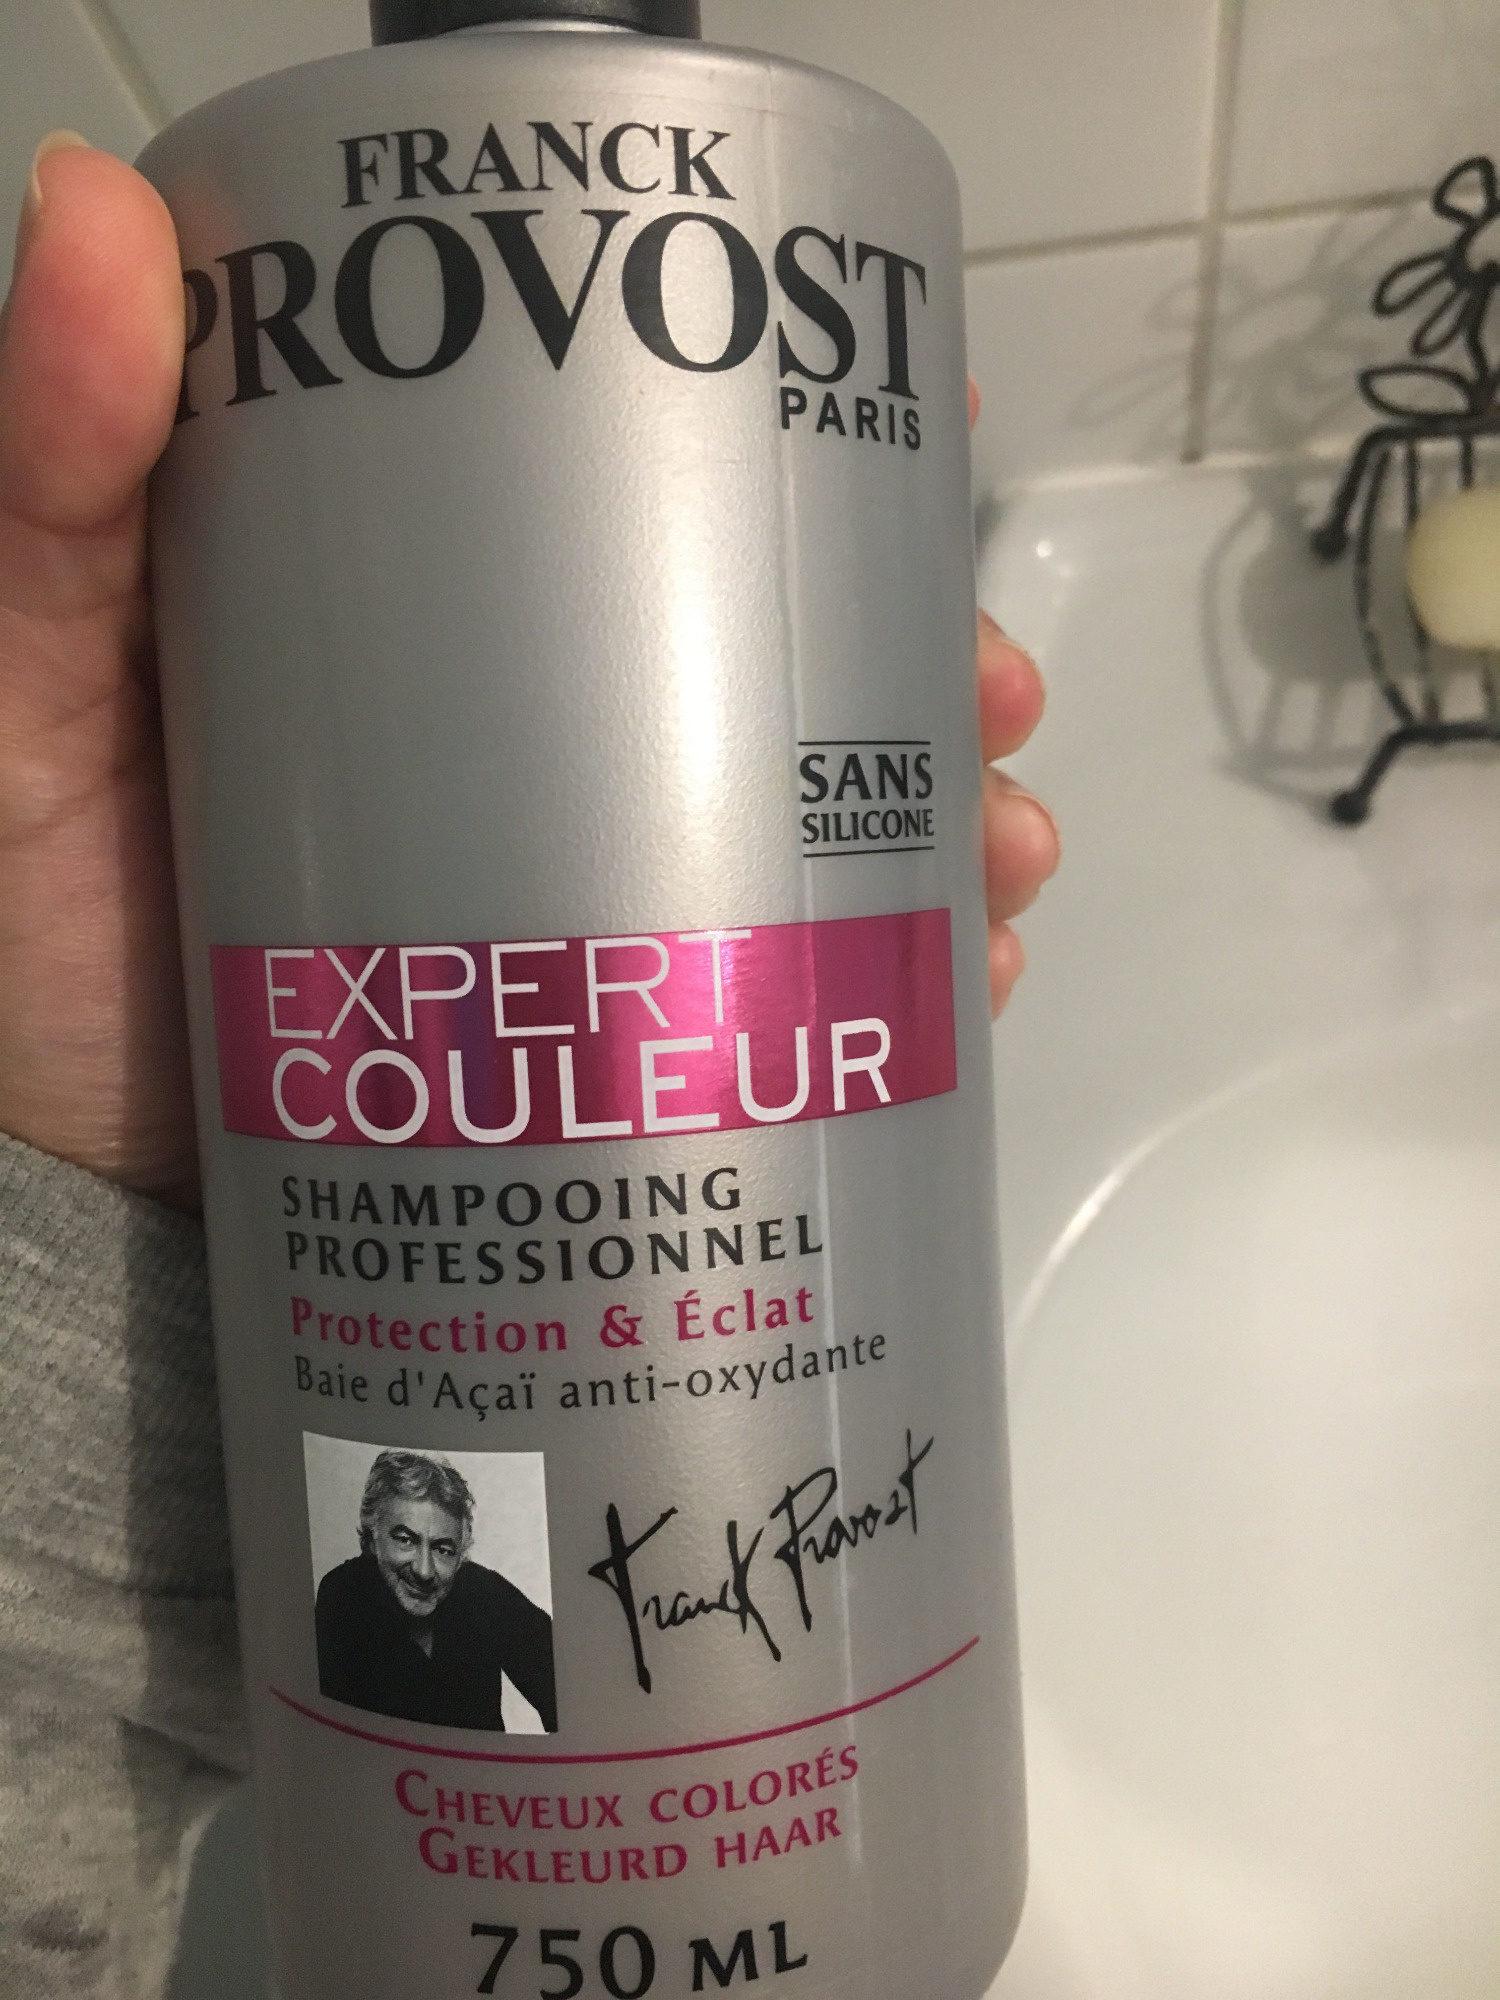 Shampooing professionnel, protection & éclat, cheveux colorés - Produit